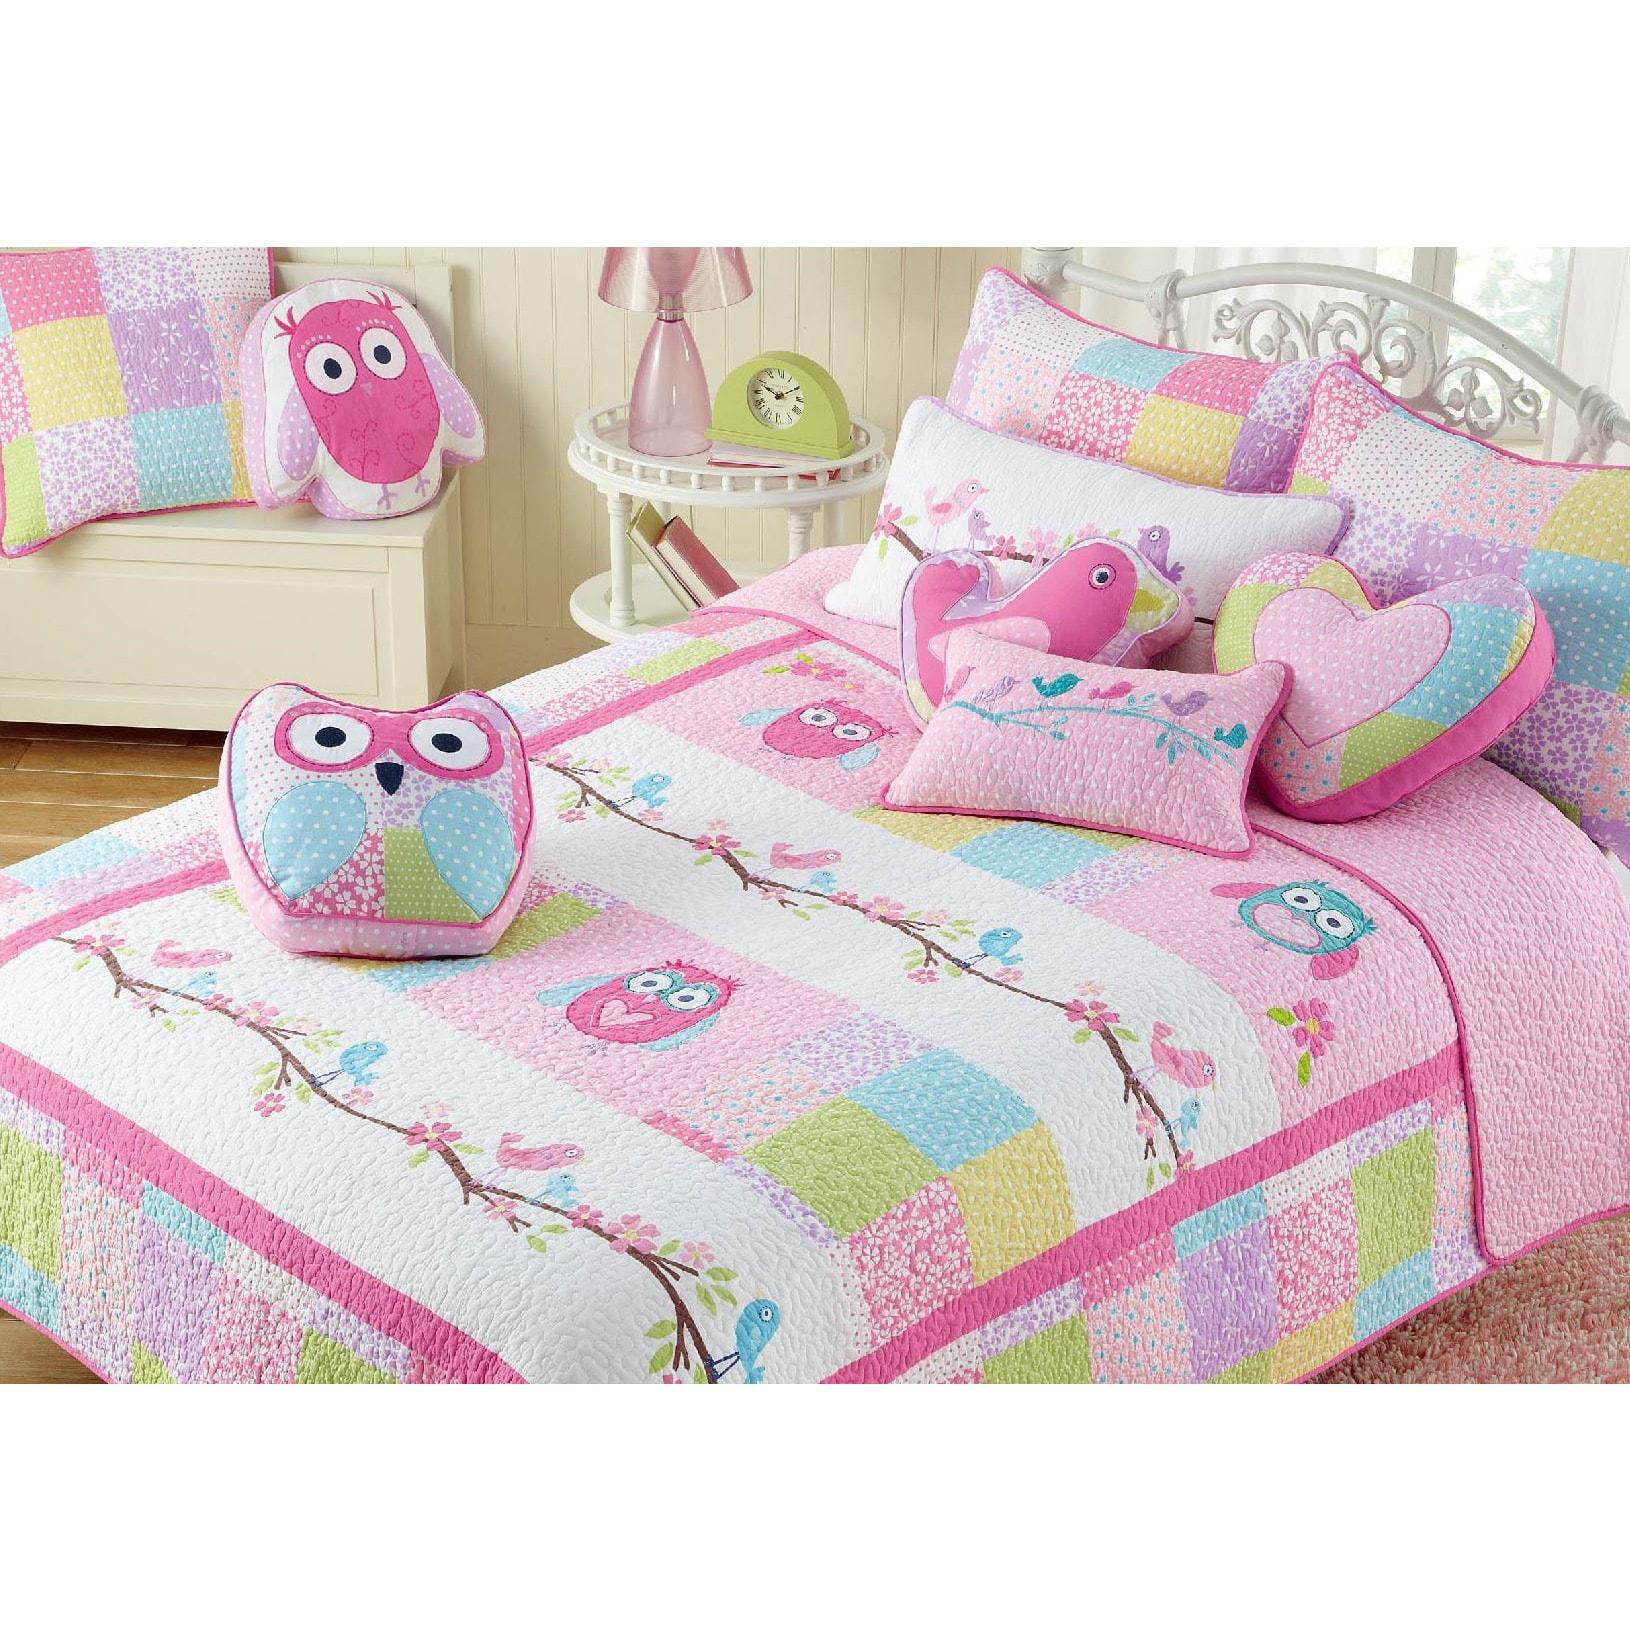 Cozy Line Pink Owl Cotton 3-piece Quilt Set (Queen-3-piec...